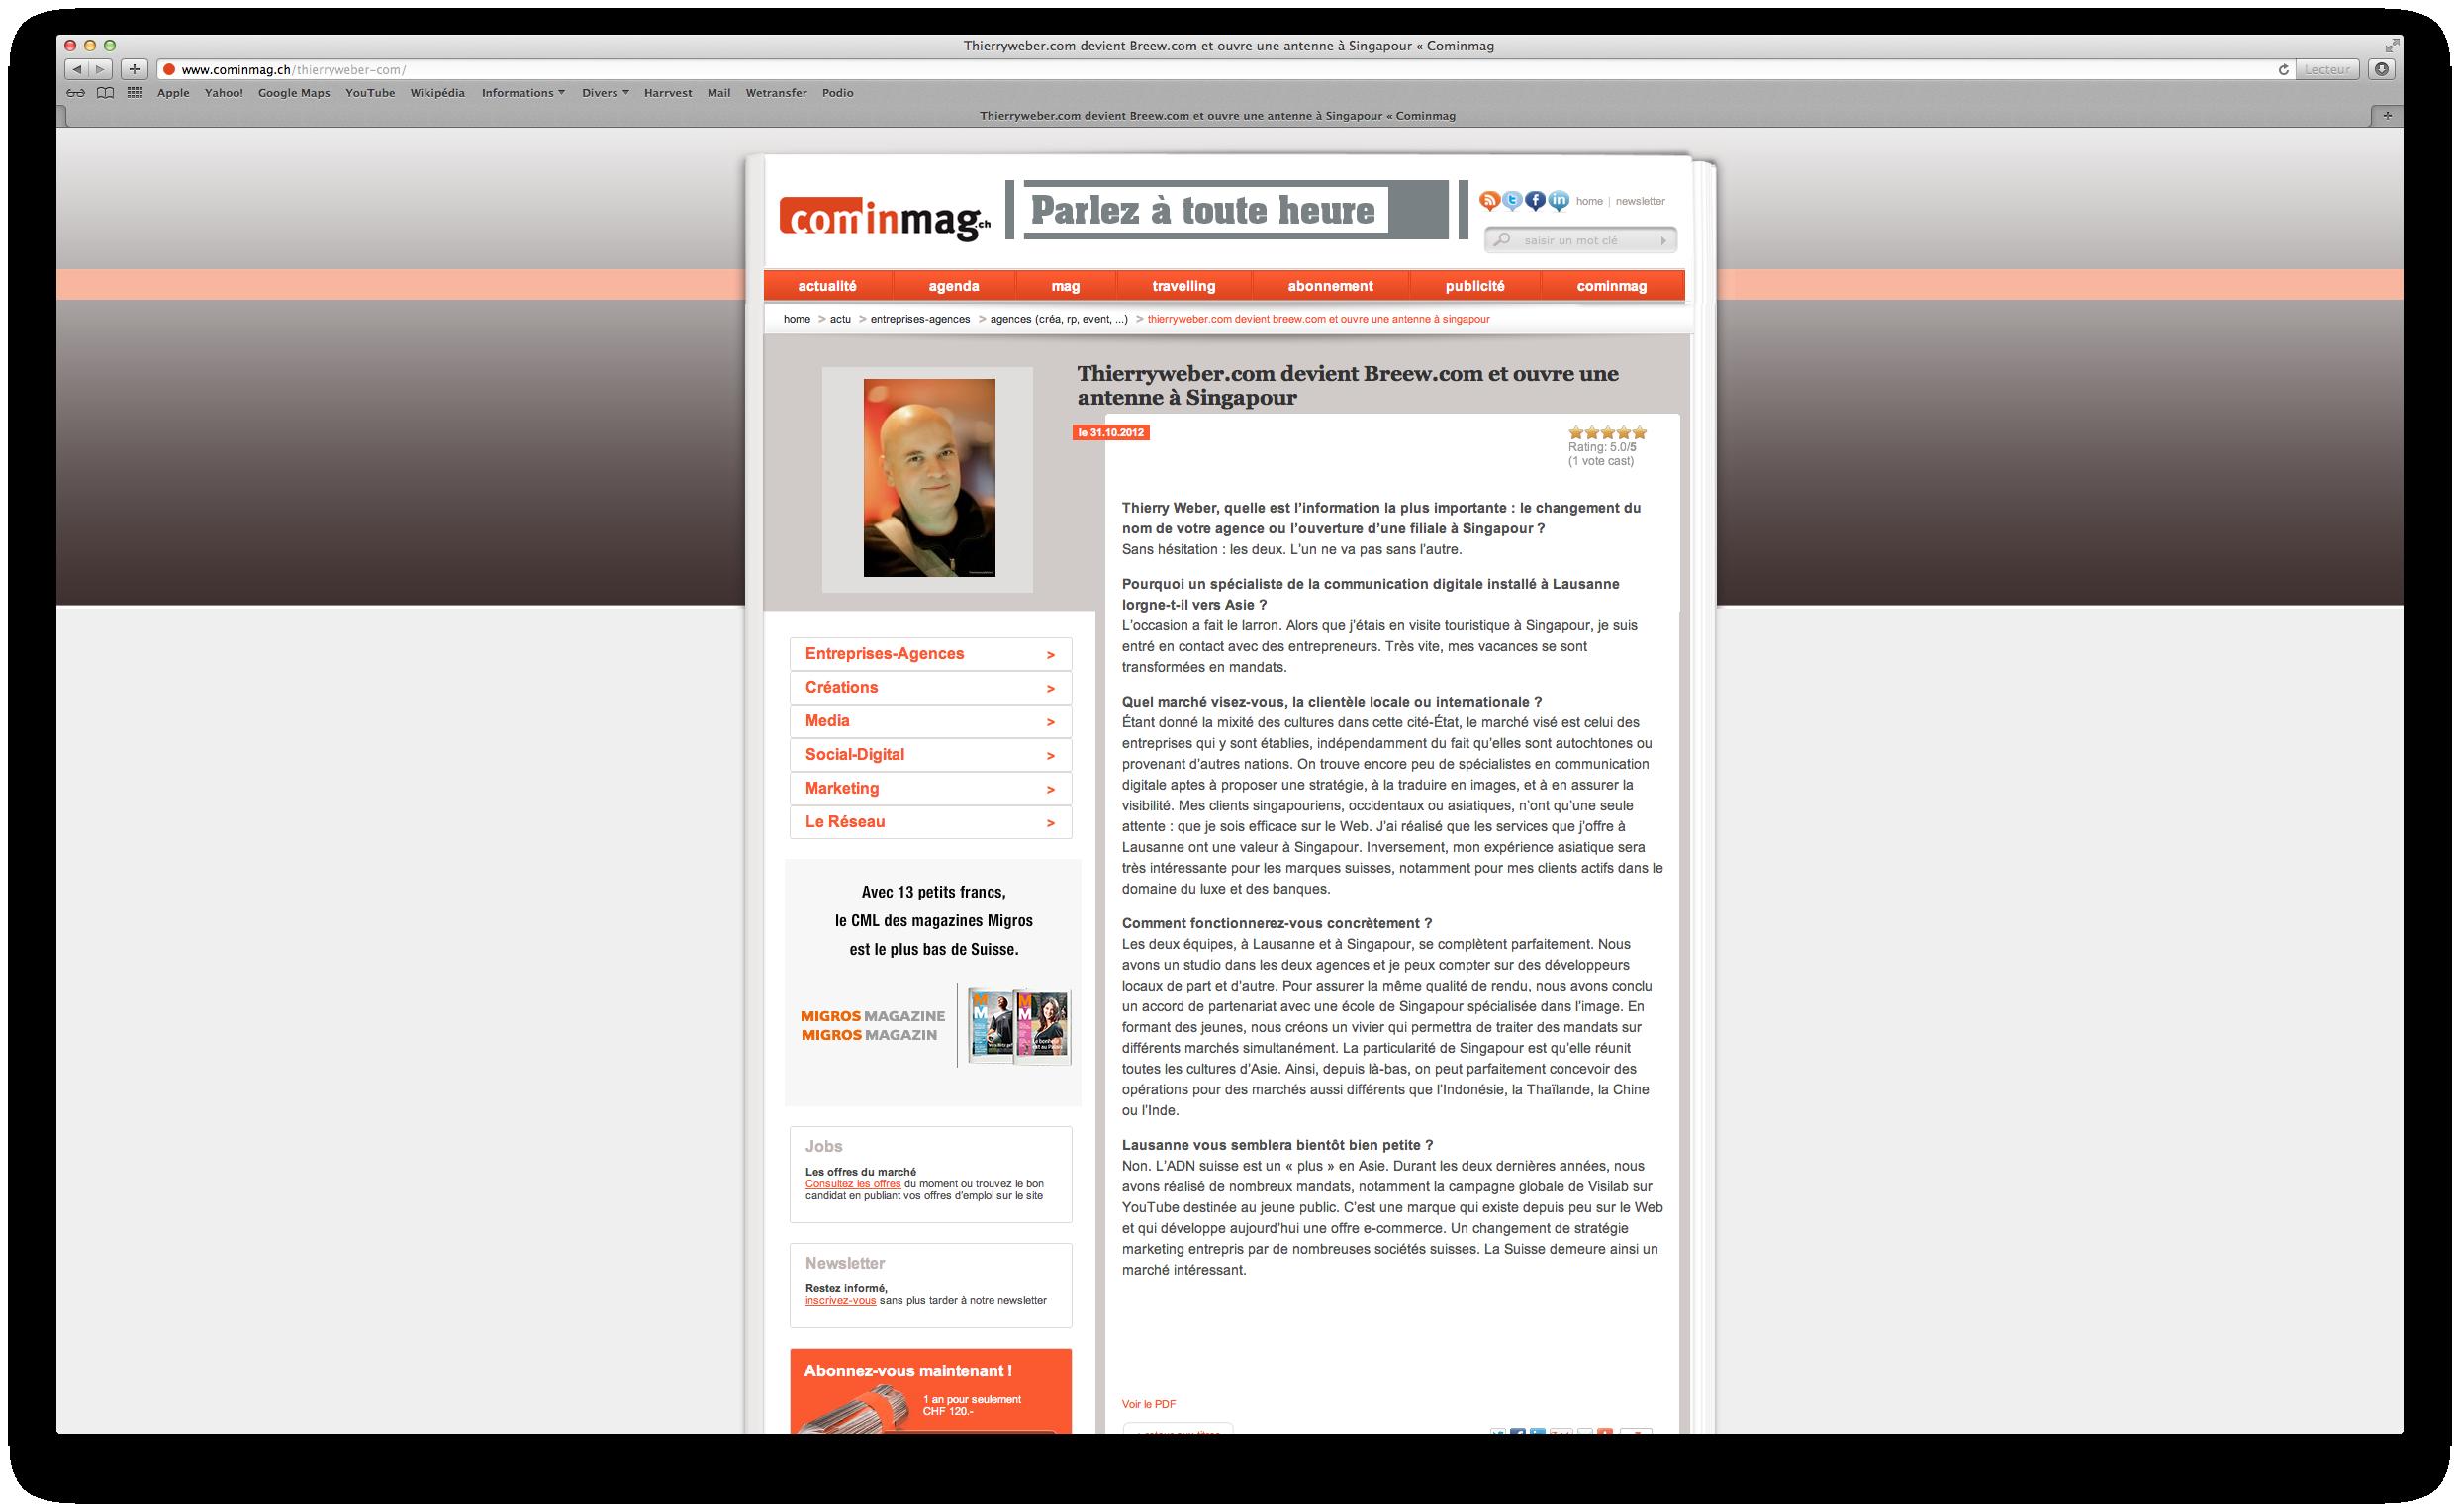 Cominmag, le magazine des nouvelles technologies de l'information!